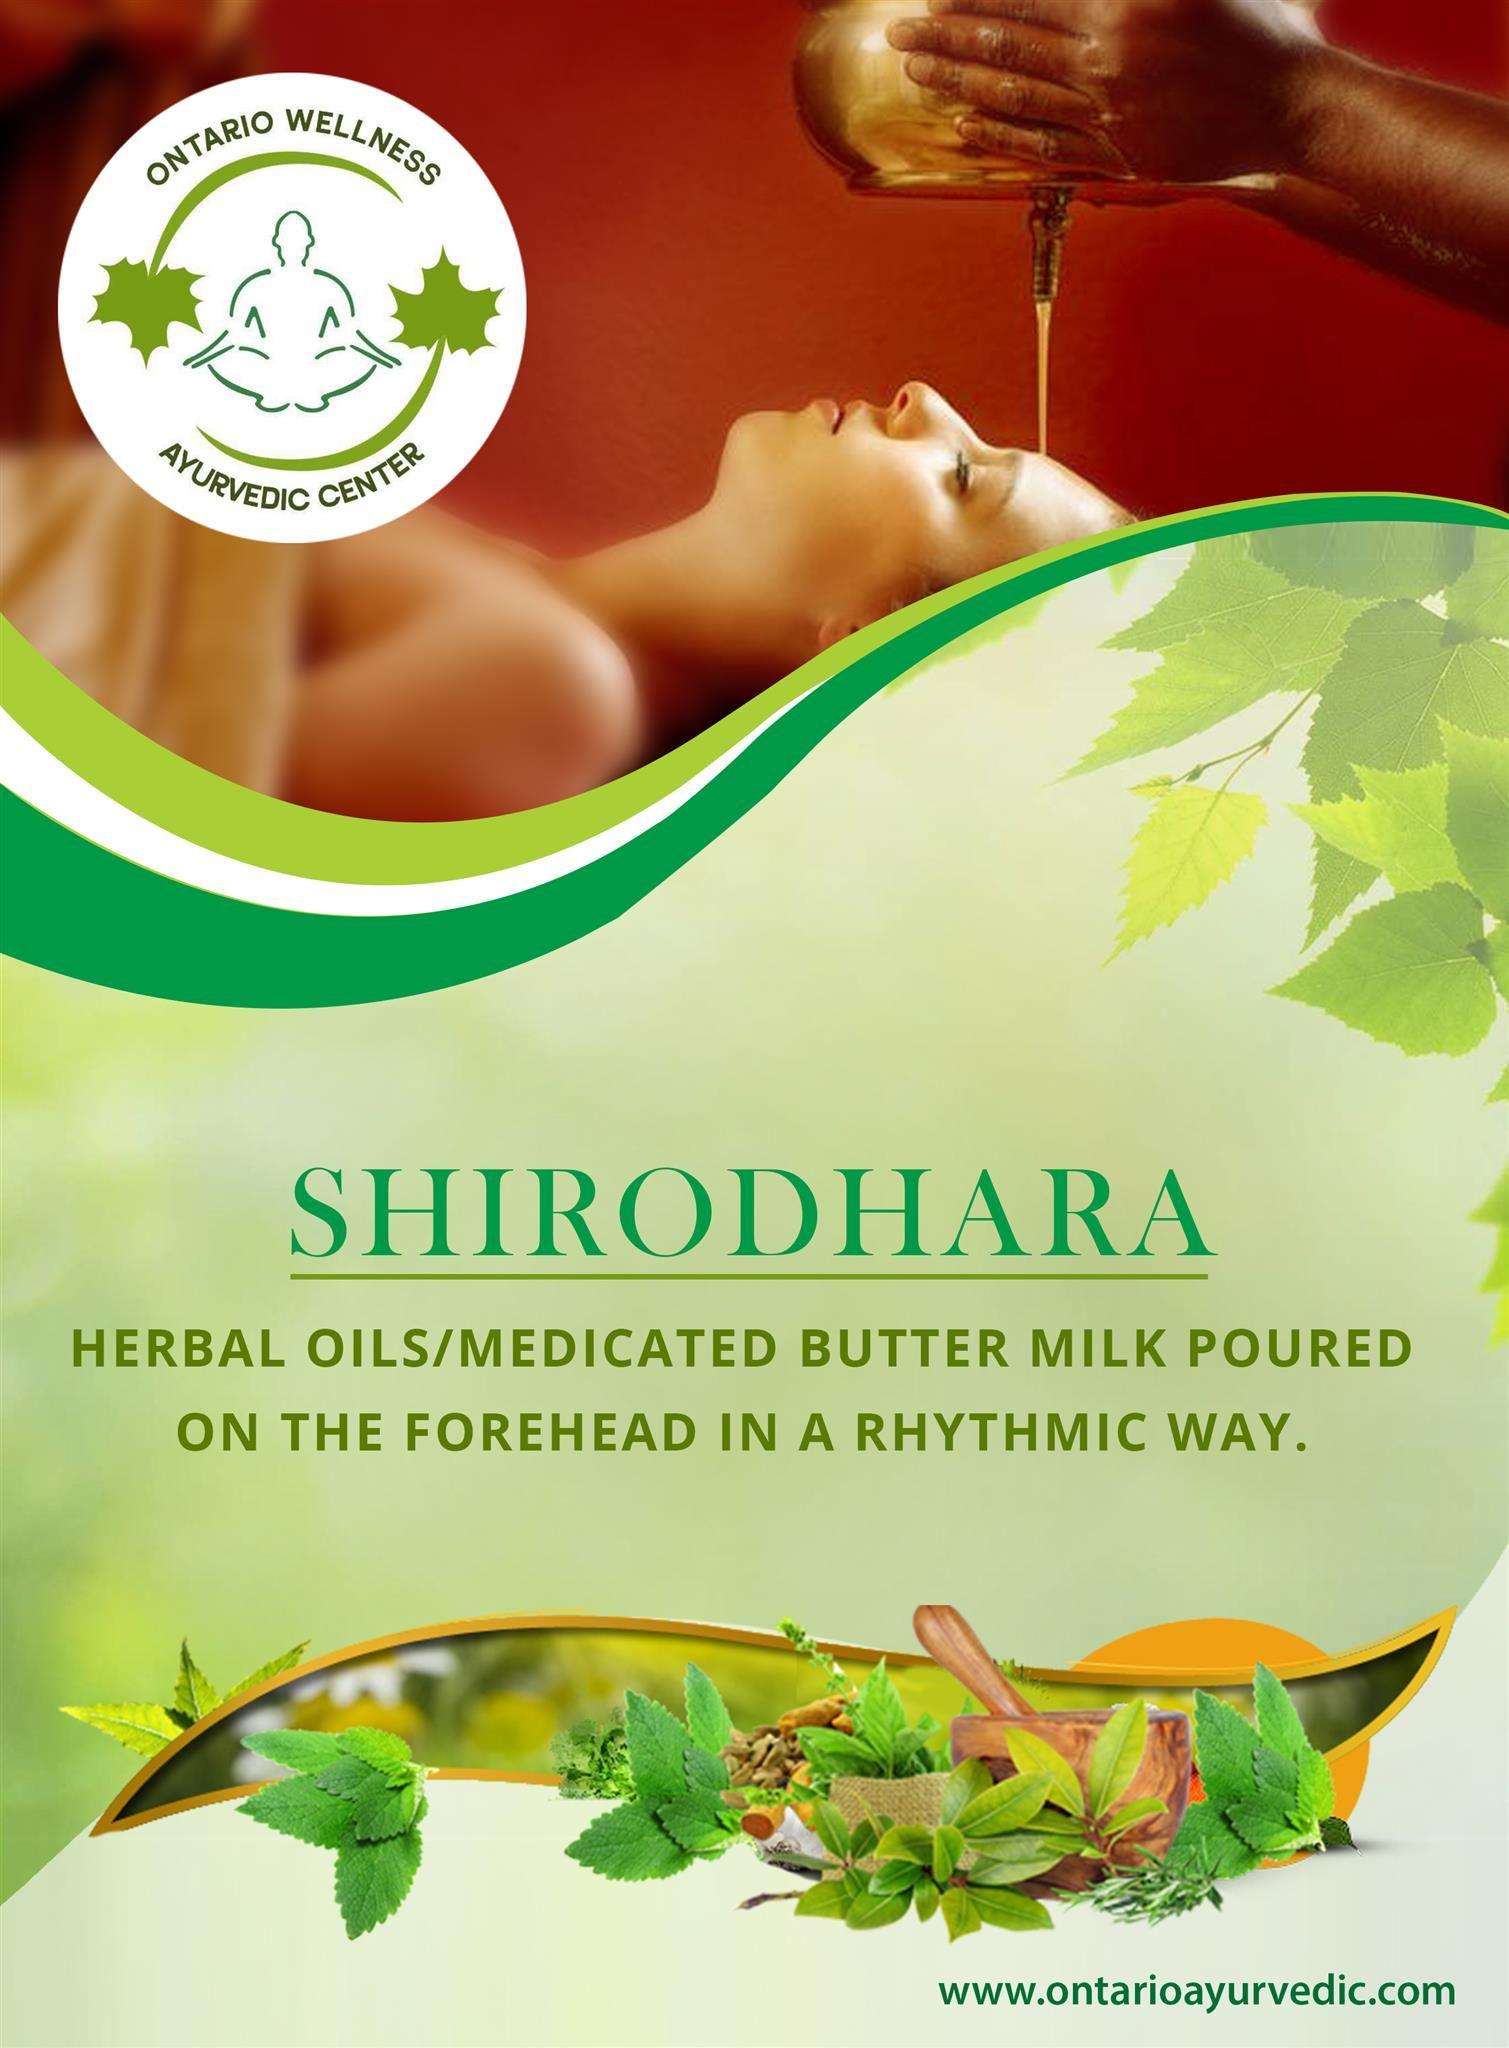 ☘ Ontario Ayurvedic Wellness Center | Shirodhara 📌 P1, Floor Sh-3